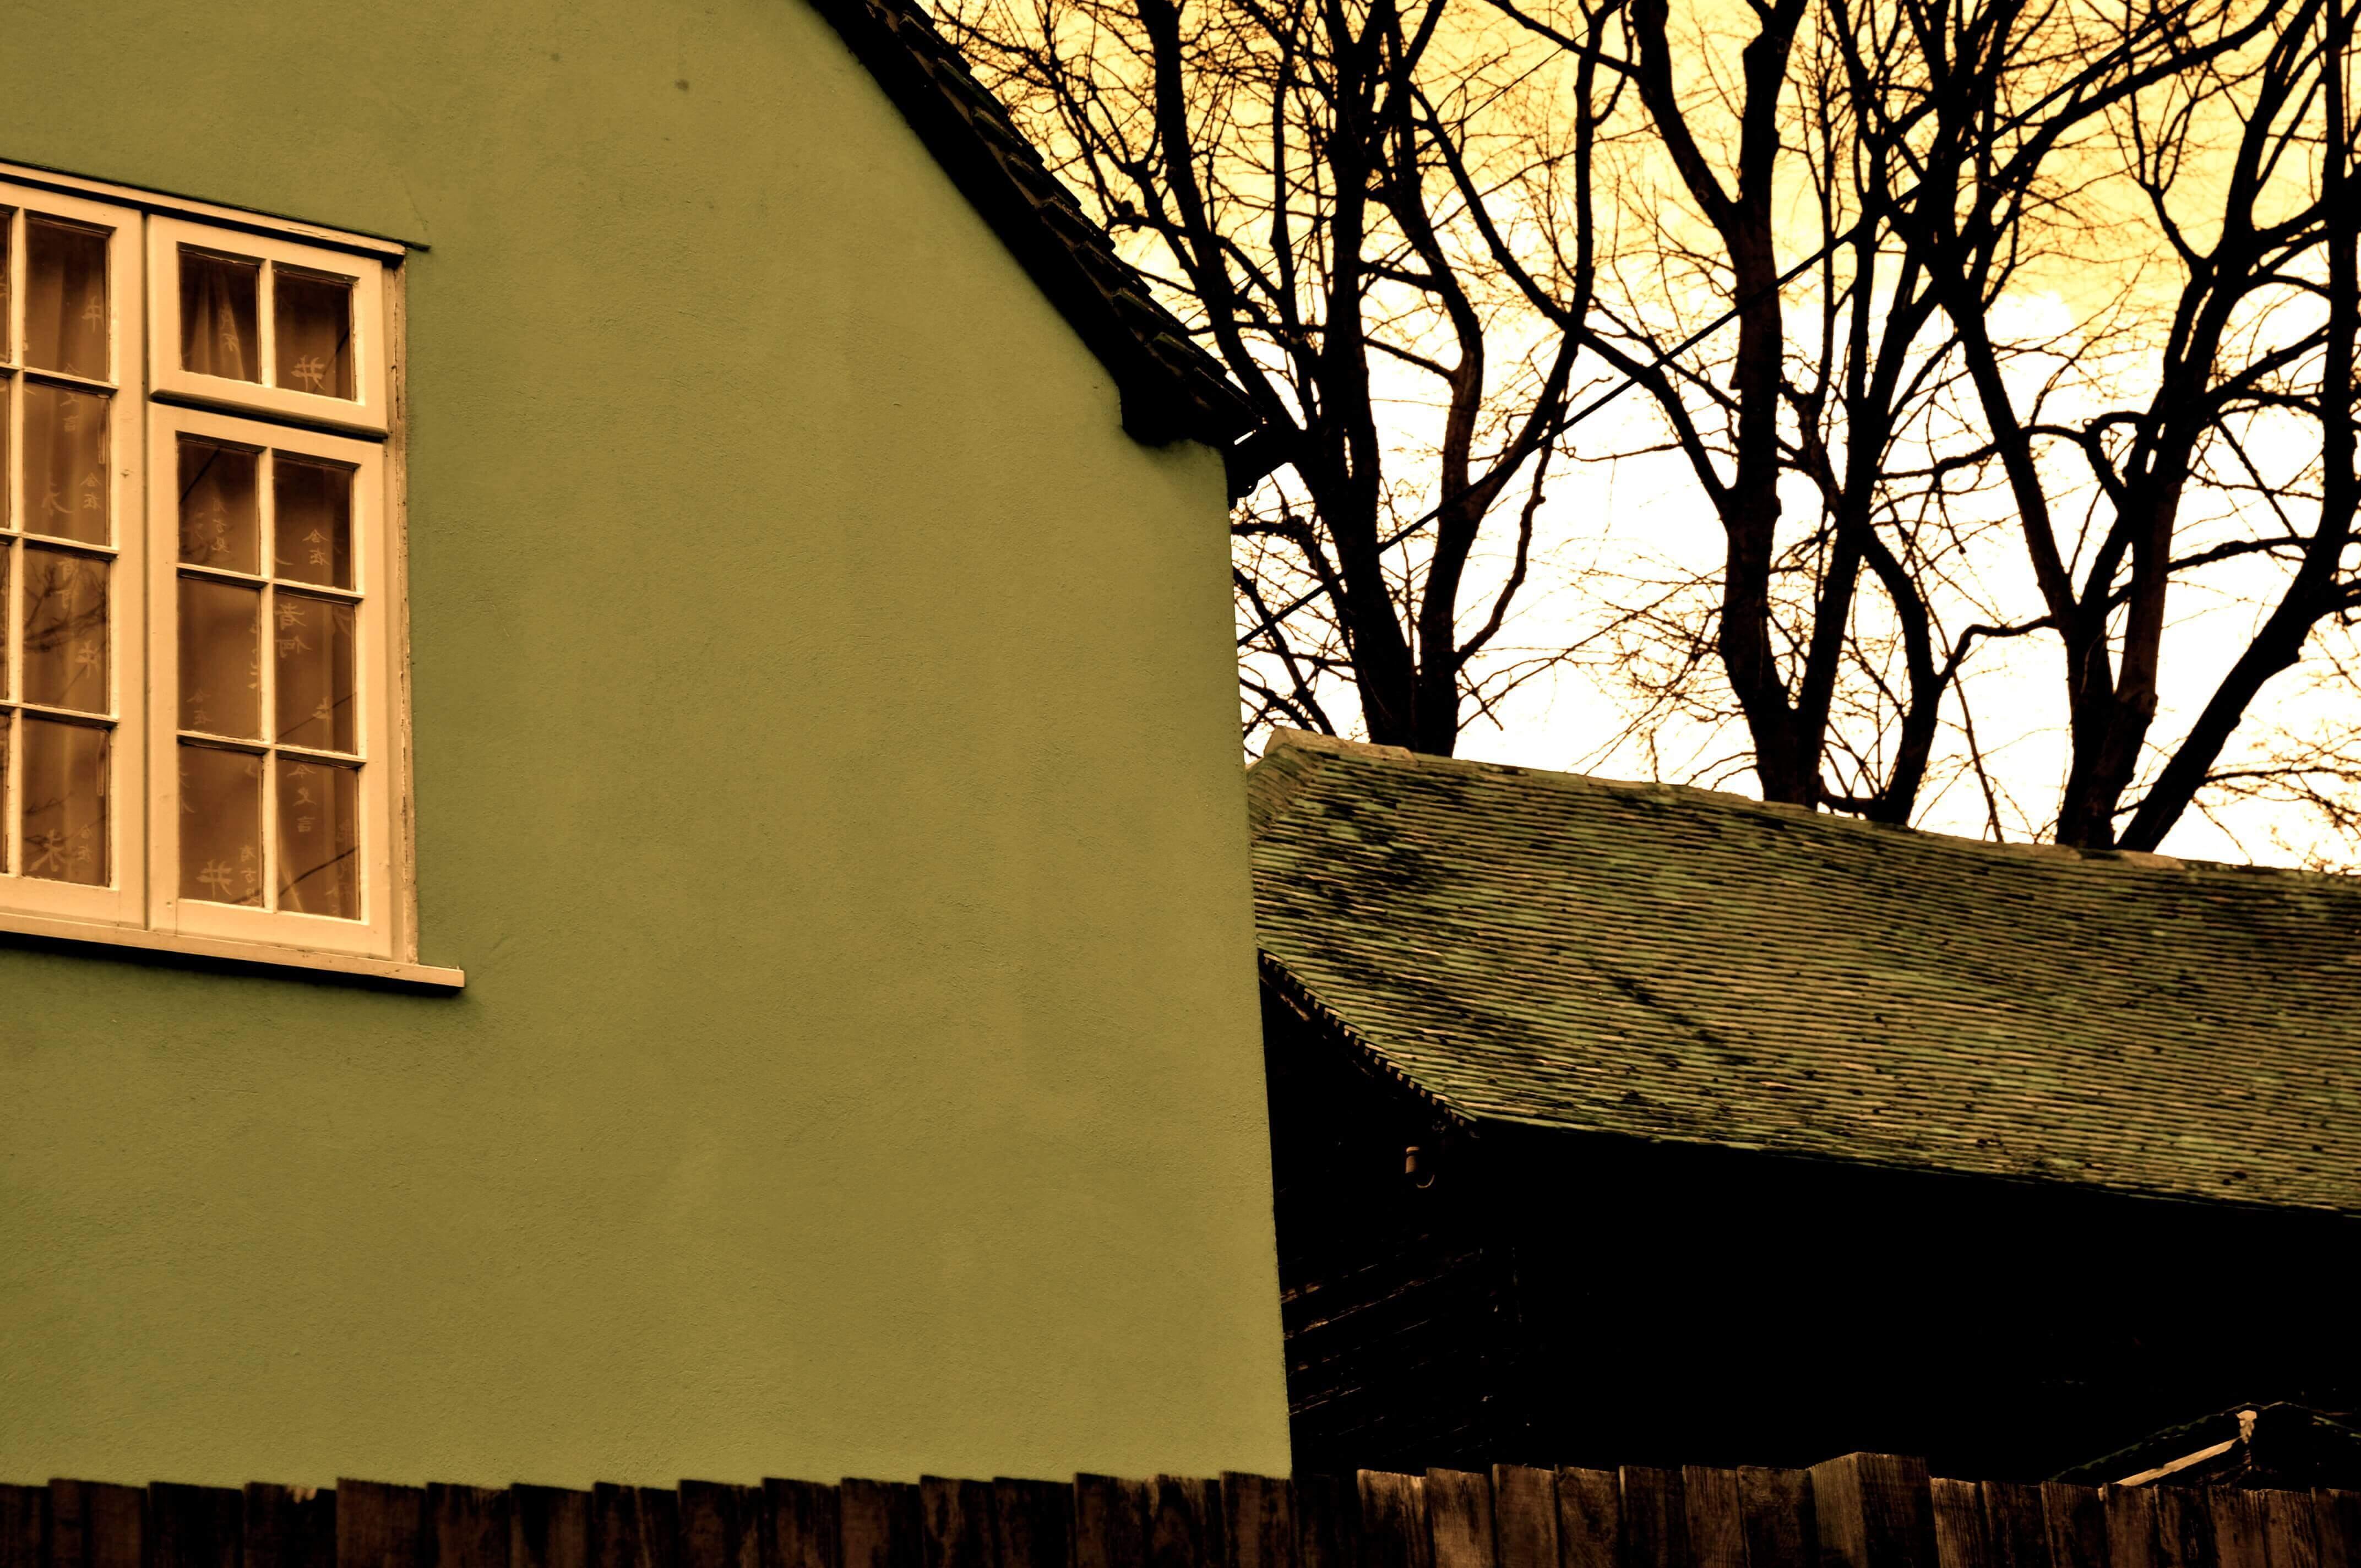 ASHWELL_village_GarytrotmanPhotoZ_002